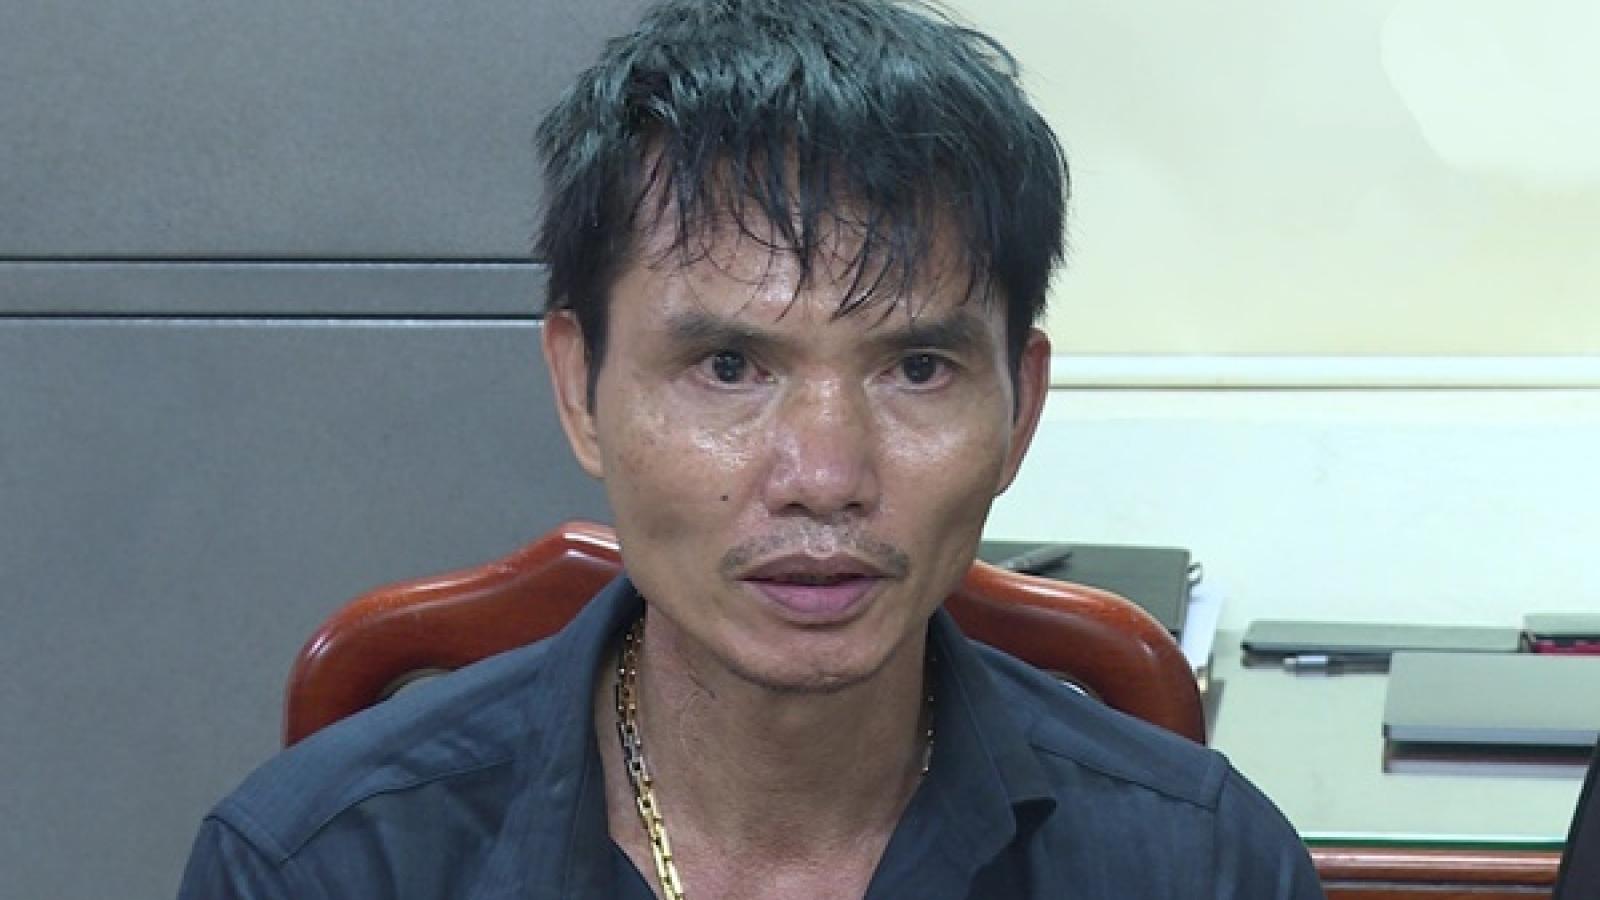 Bố đẻ bạo hành dã man con gái ở Bắc Ninh: Hành vi tàn nhẫn bất chấp pháp luật